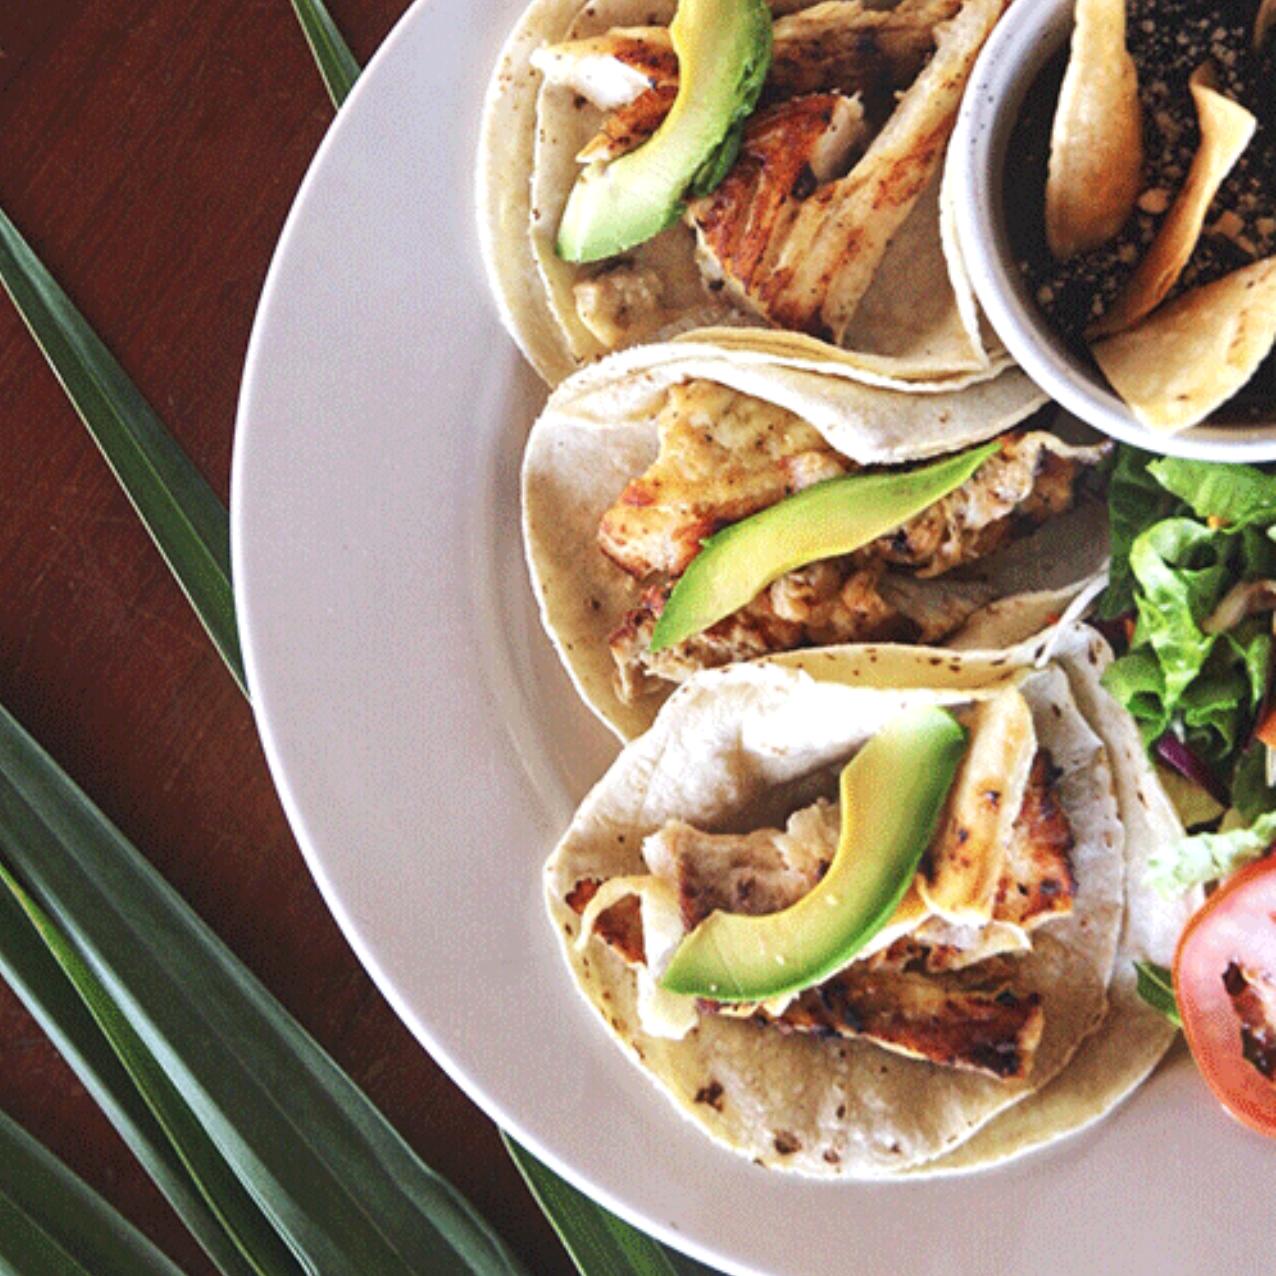 lunch - ● grilled fish● grilled chicken salad● fajitas● gazpacho● chicken tostadas● chicken tacos● curry salad